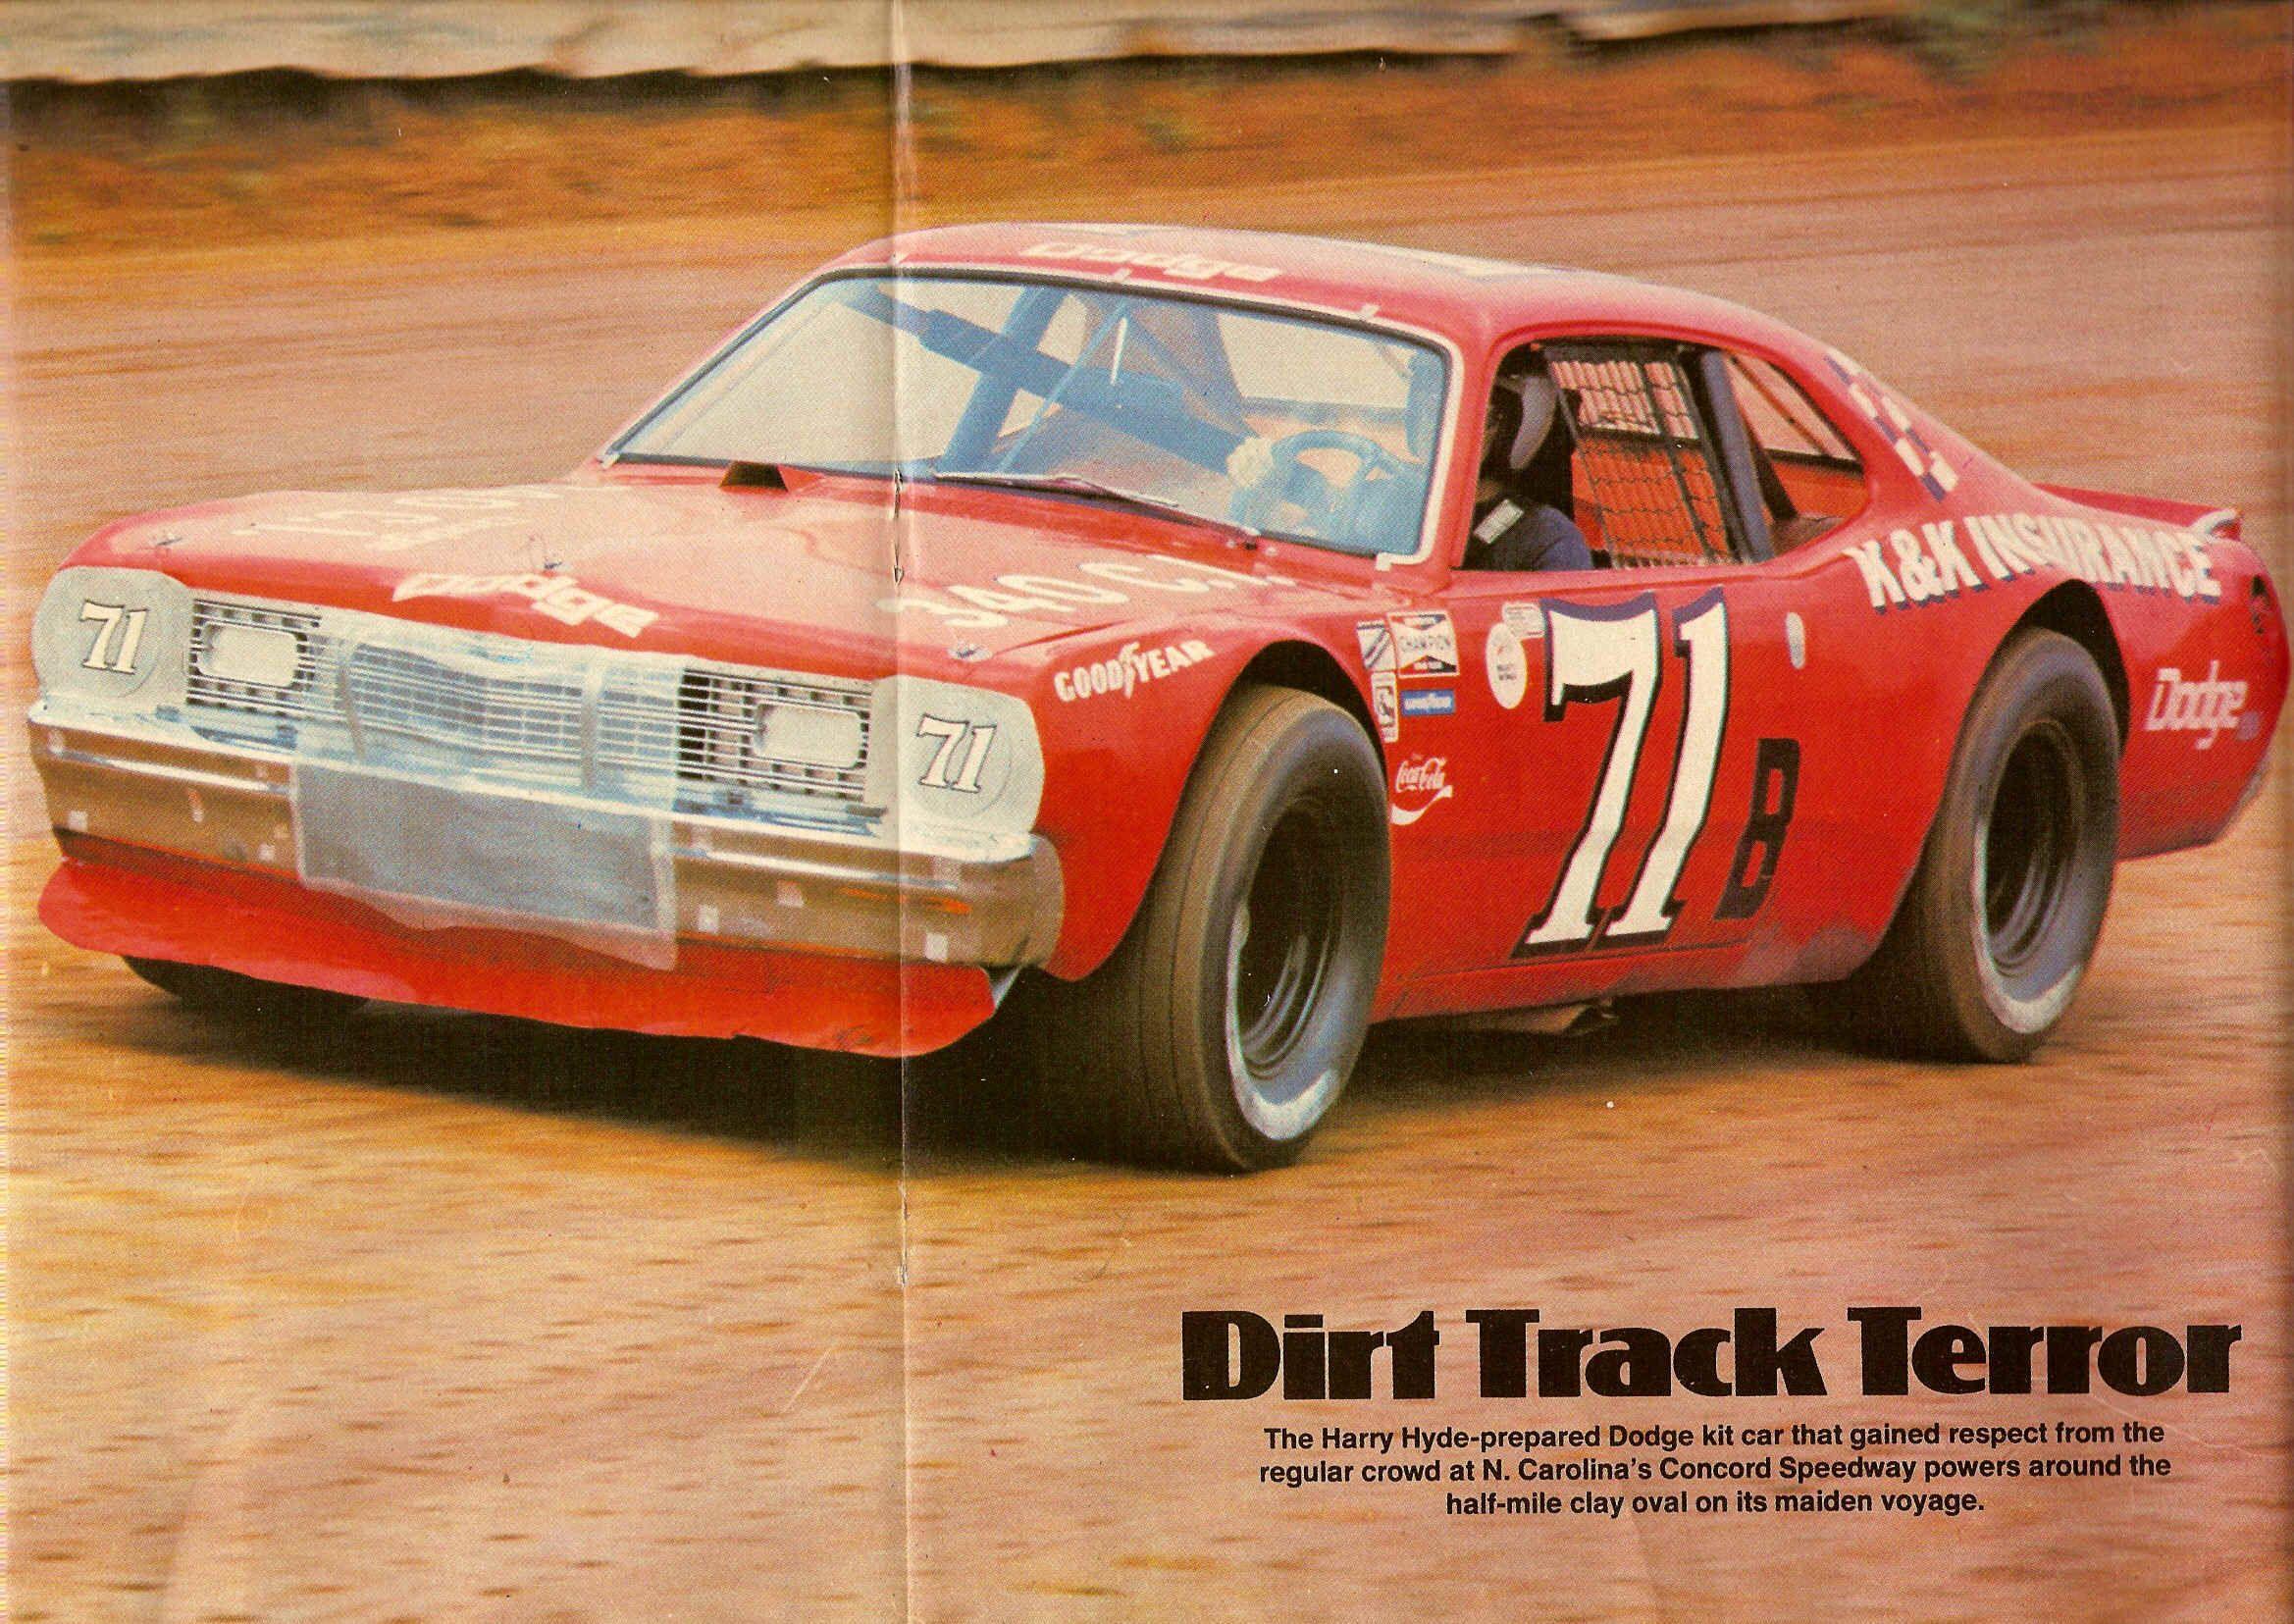 K K Insurance Dodge Kit Car 1975 Nascar Race Cars Sports Car